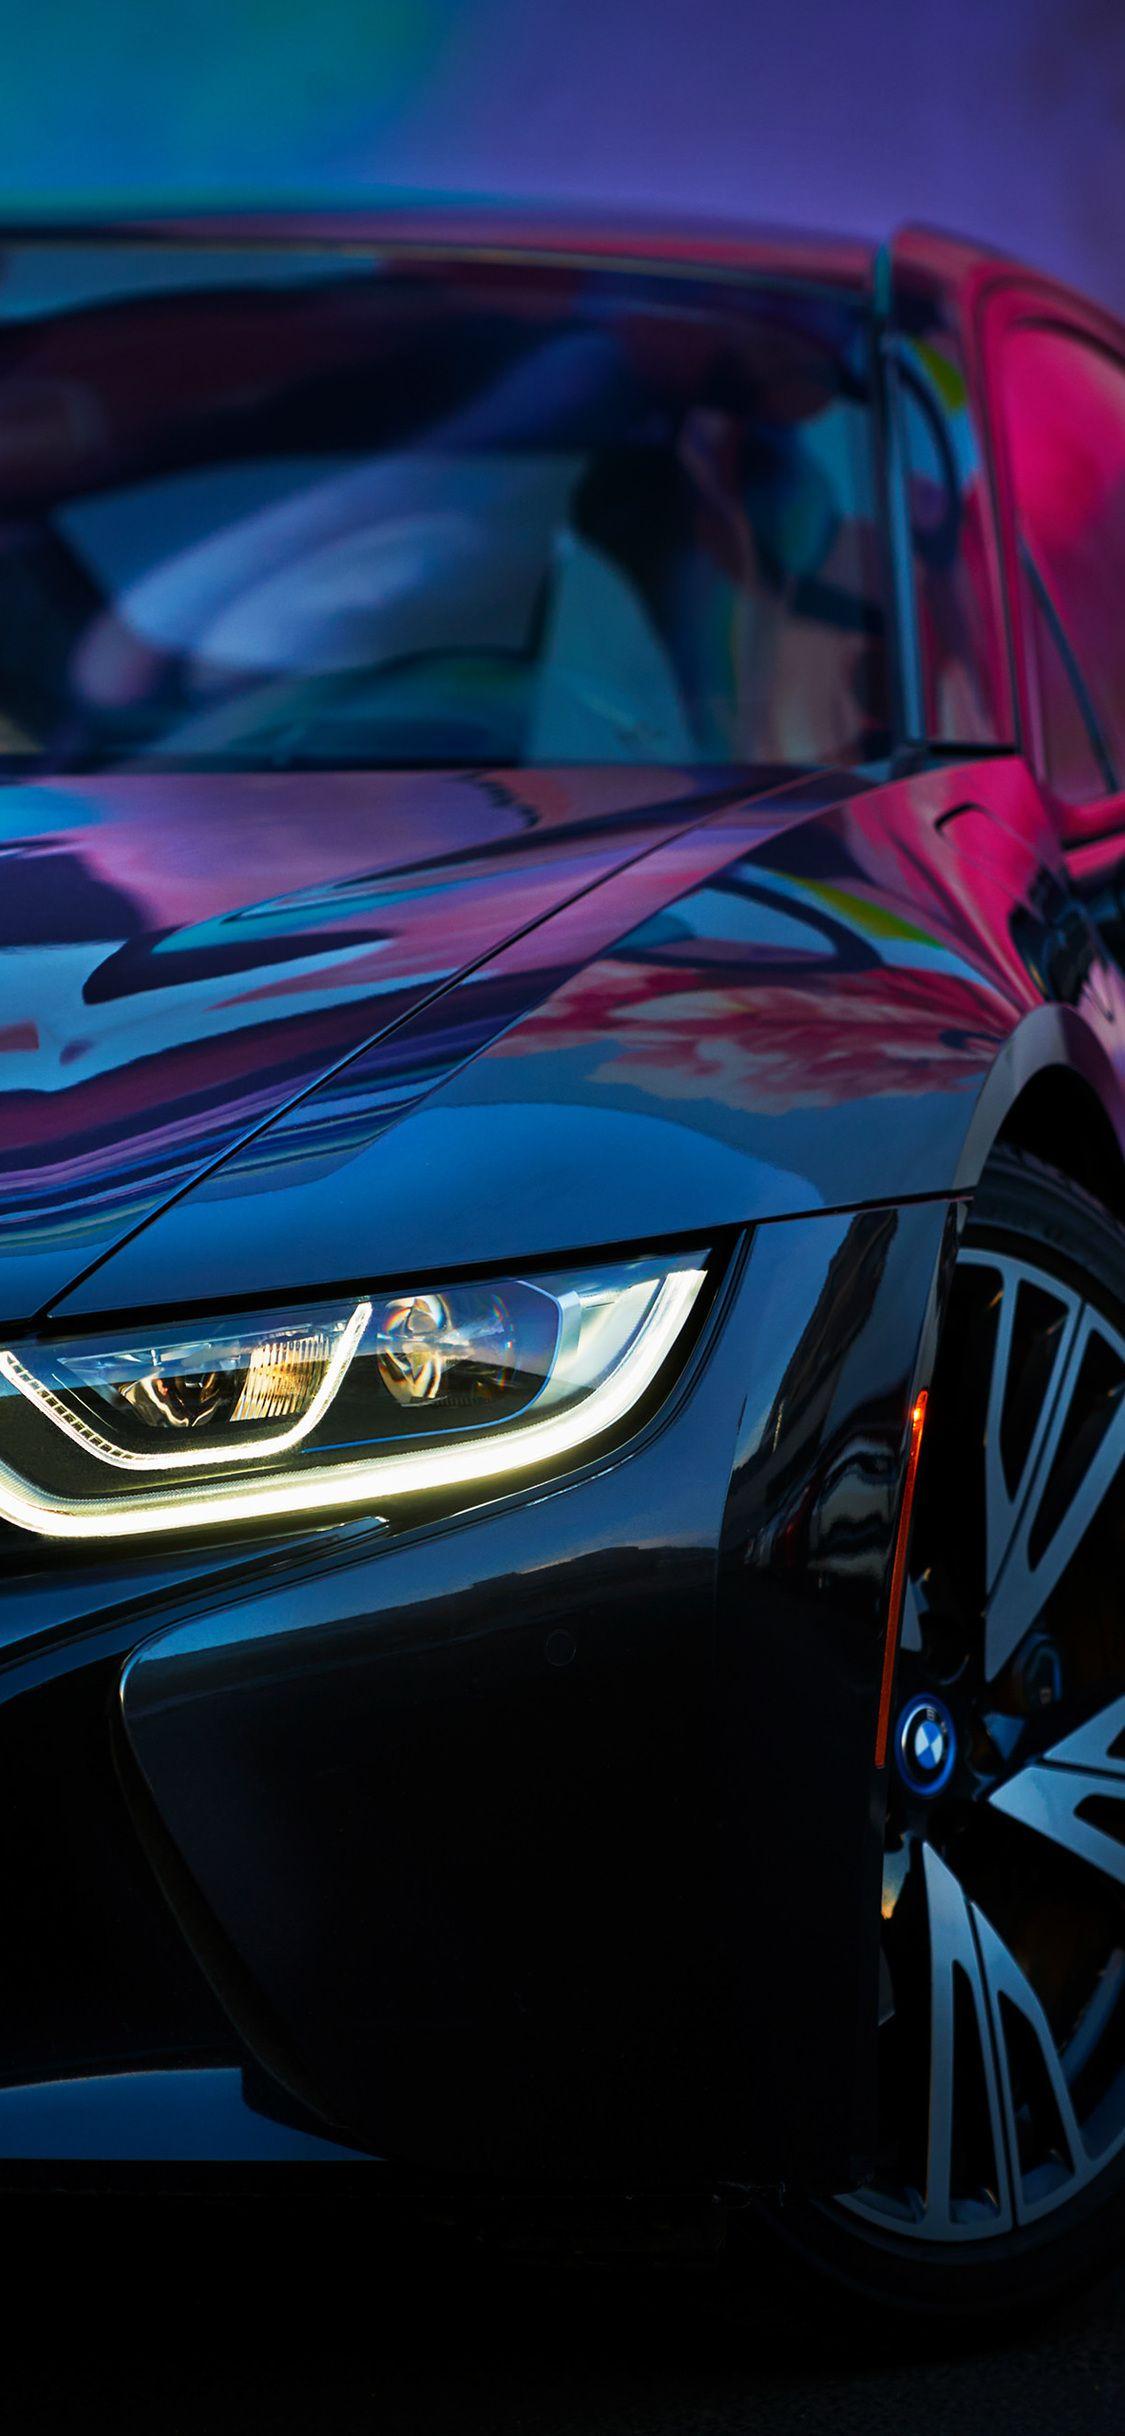 Batmobile 4k Hd Wallpapers Cars Wallpapers Batmobile Wallpapers 4k Wallpapers Car Wallpapers Hd Wallpaper 4k Phone Wallpapers